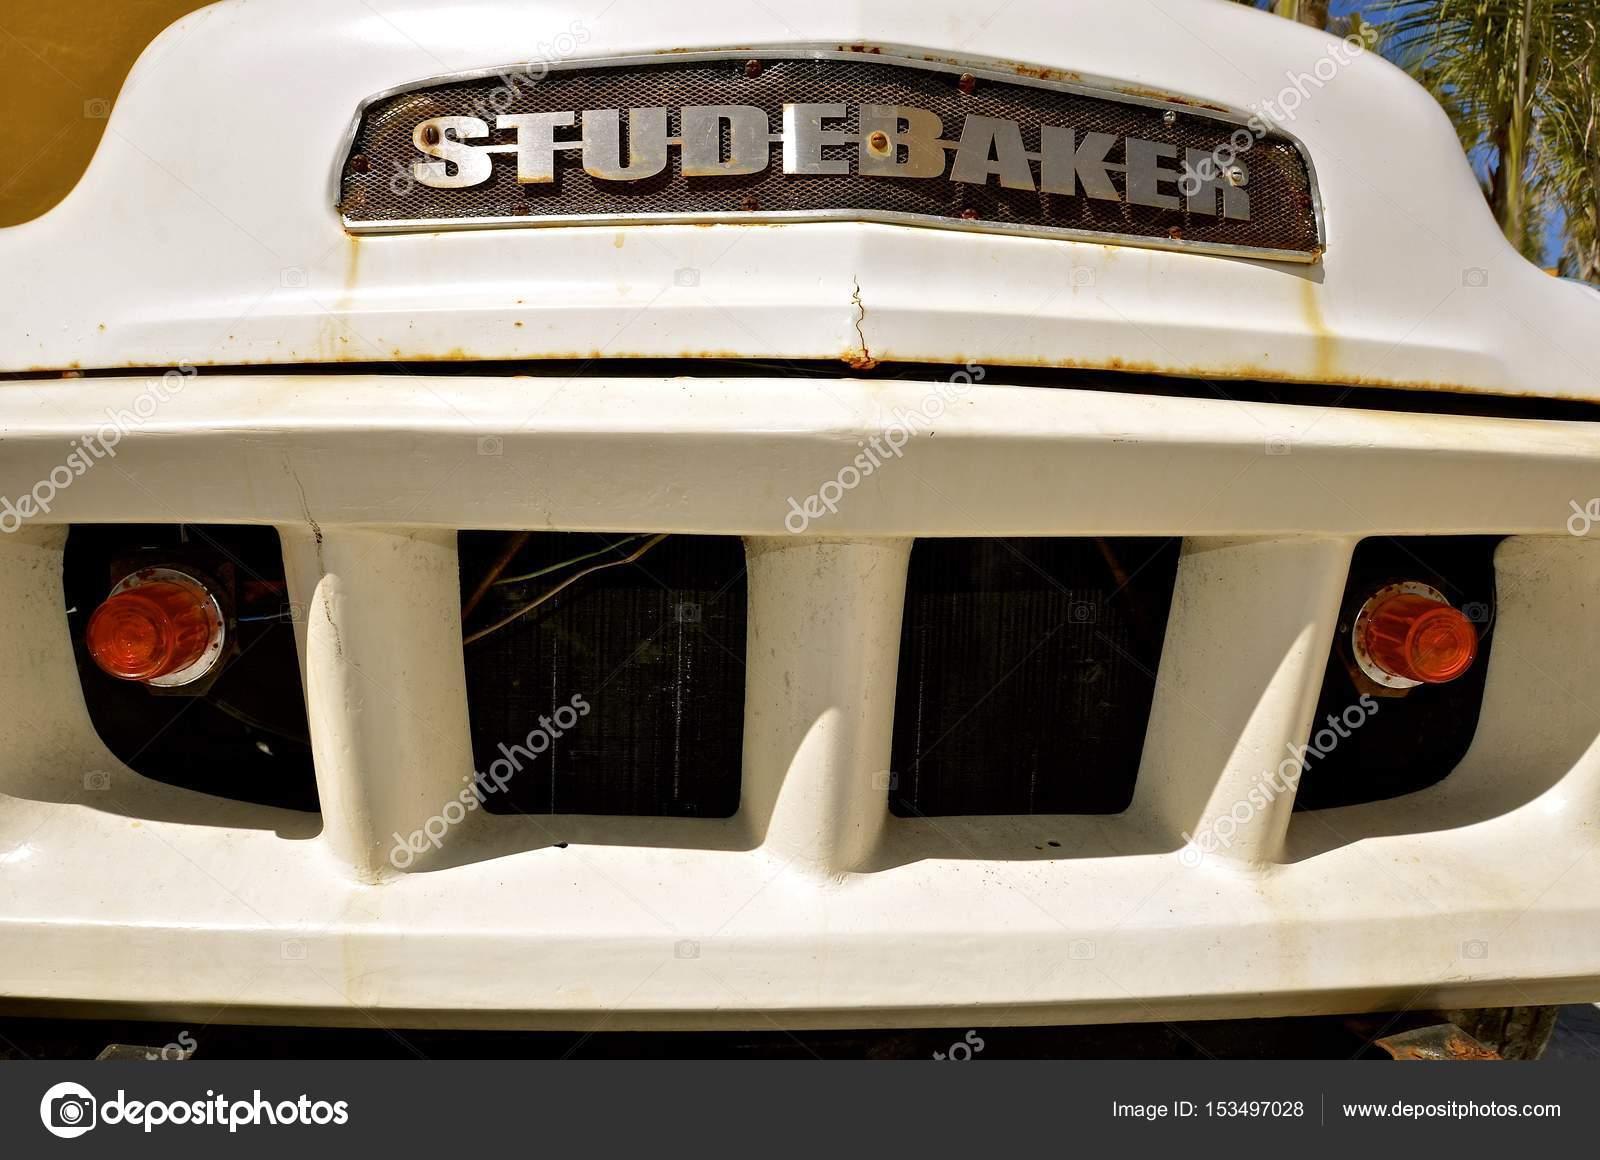 Grelha de Studebaker de uma pick-up dos anos 50 — Fotografia de Stock d5aa8d061a